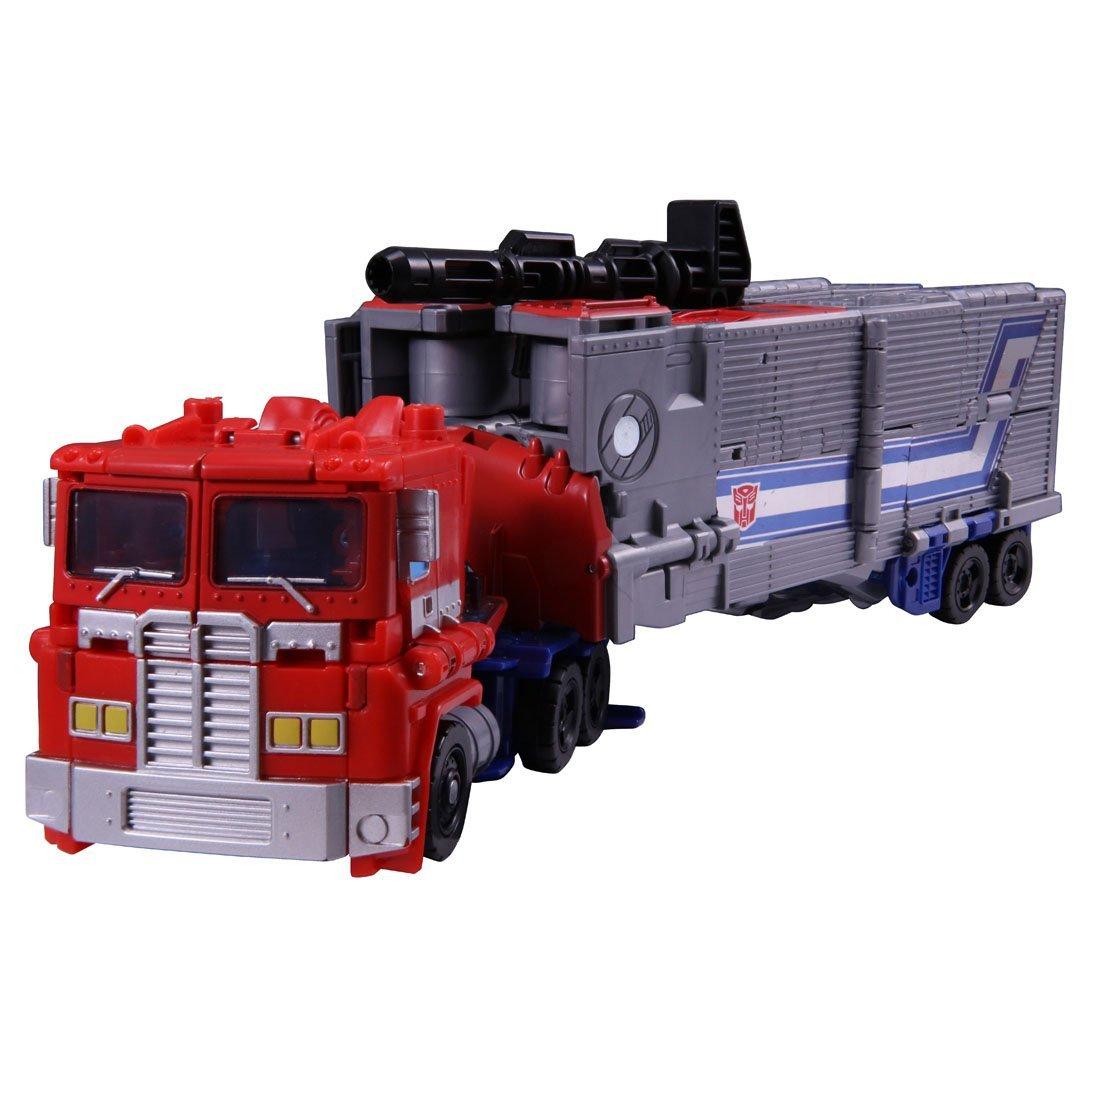 トランスフォーマー パワーオブザプライム PP-09 オプティマスプライム-002